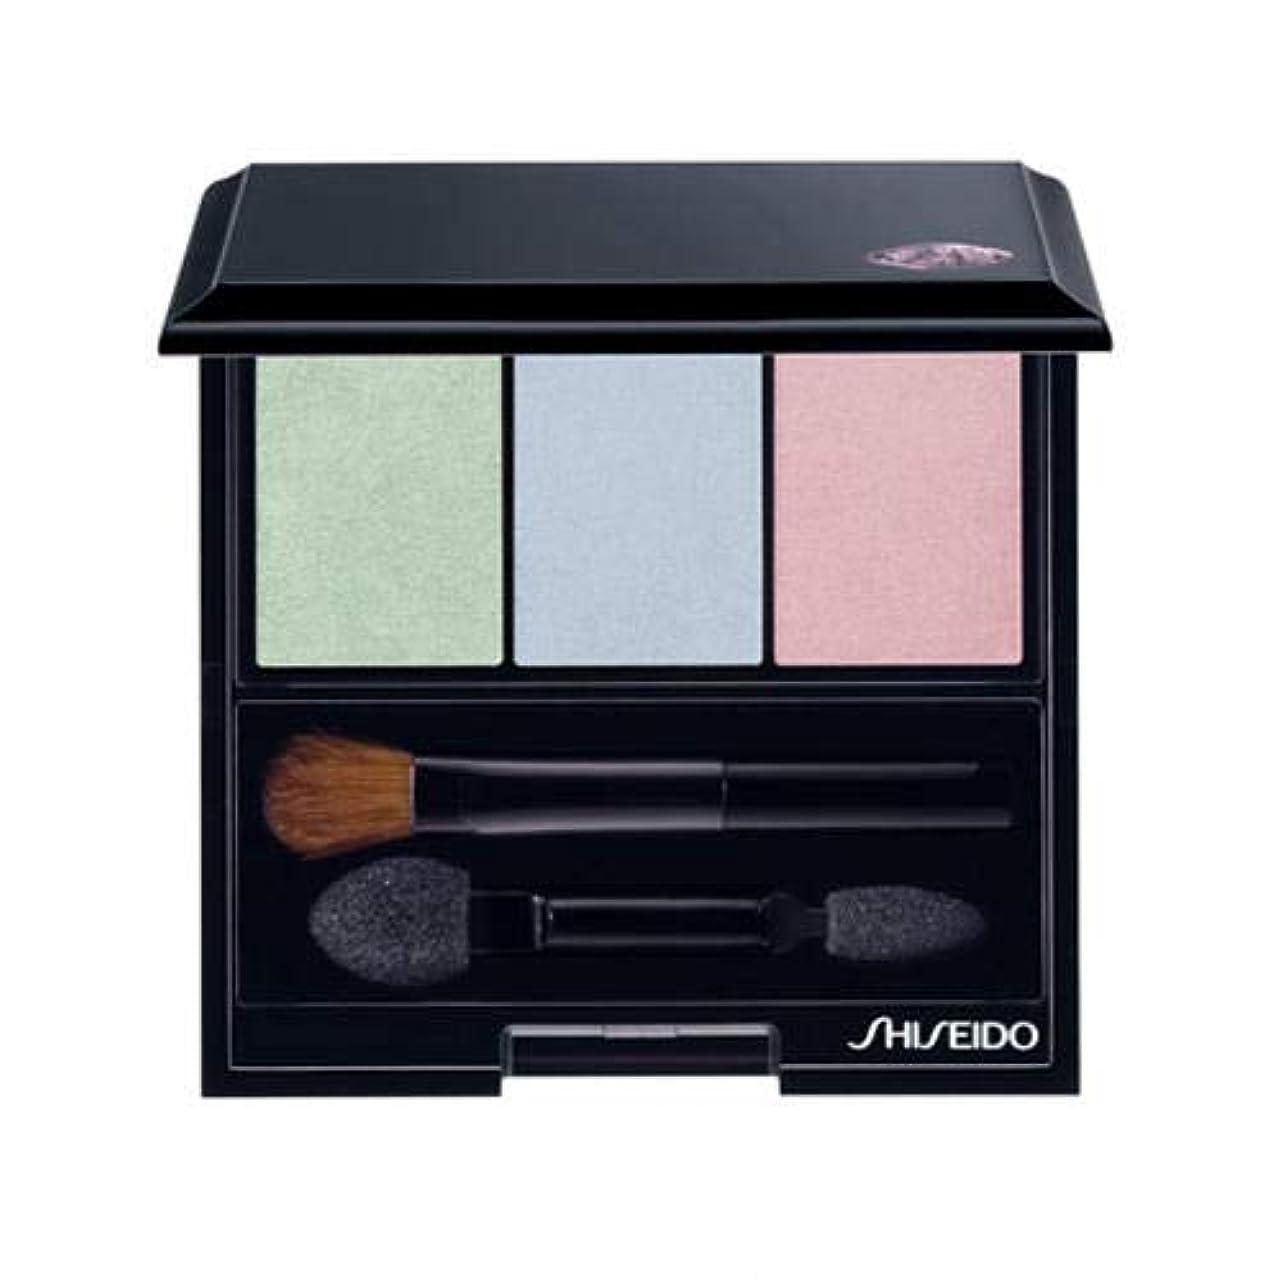 緊急磁石賢明な資生堂 ルミナイジング サテン アイカラー トリオ BL215(Shiseido Luminizing Satin Eye Color Trio BL215) [並行輸入品]